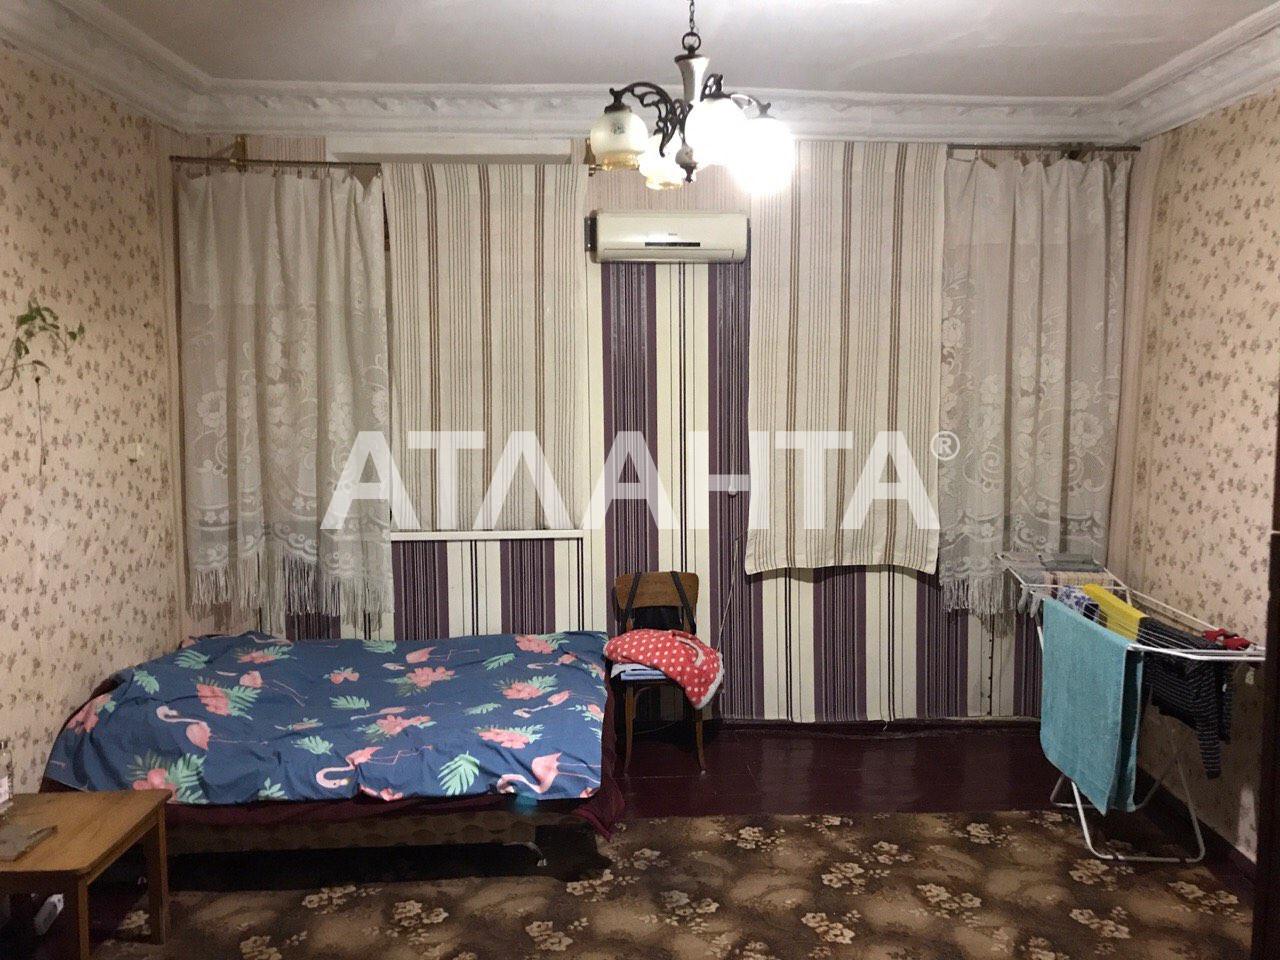 Продается 2-комнатная Квартира на ул. Прохоровская (Хворостина) — 26 000 у.е. (фото №2)